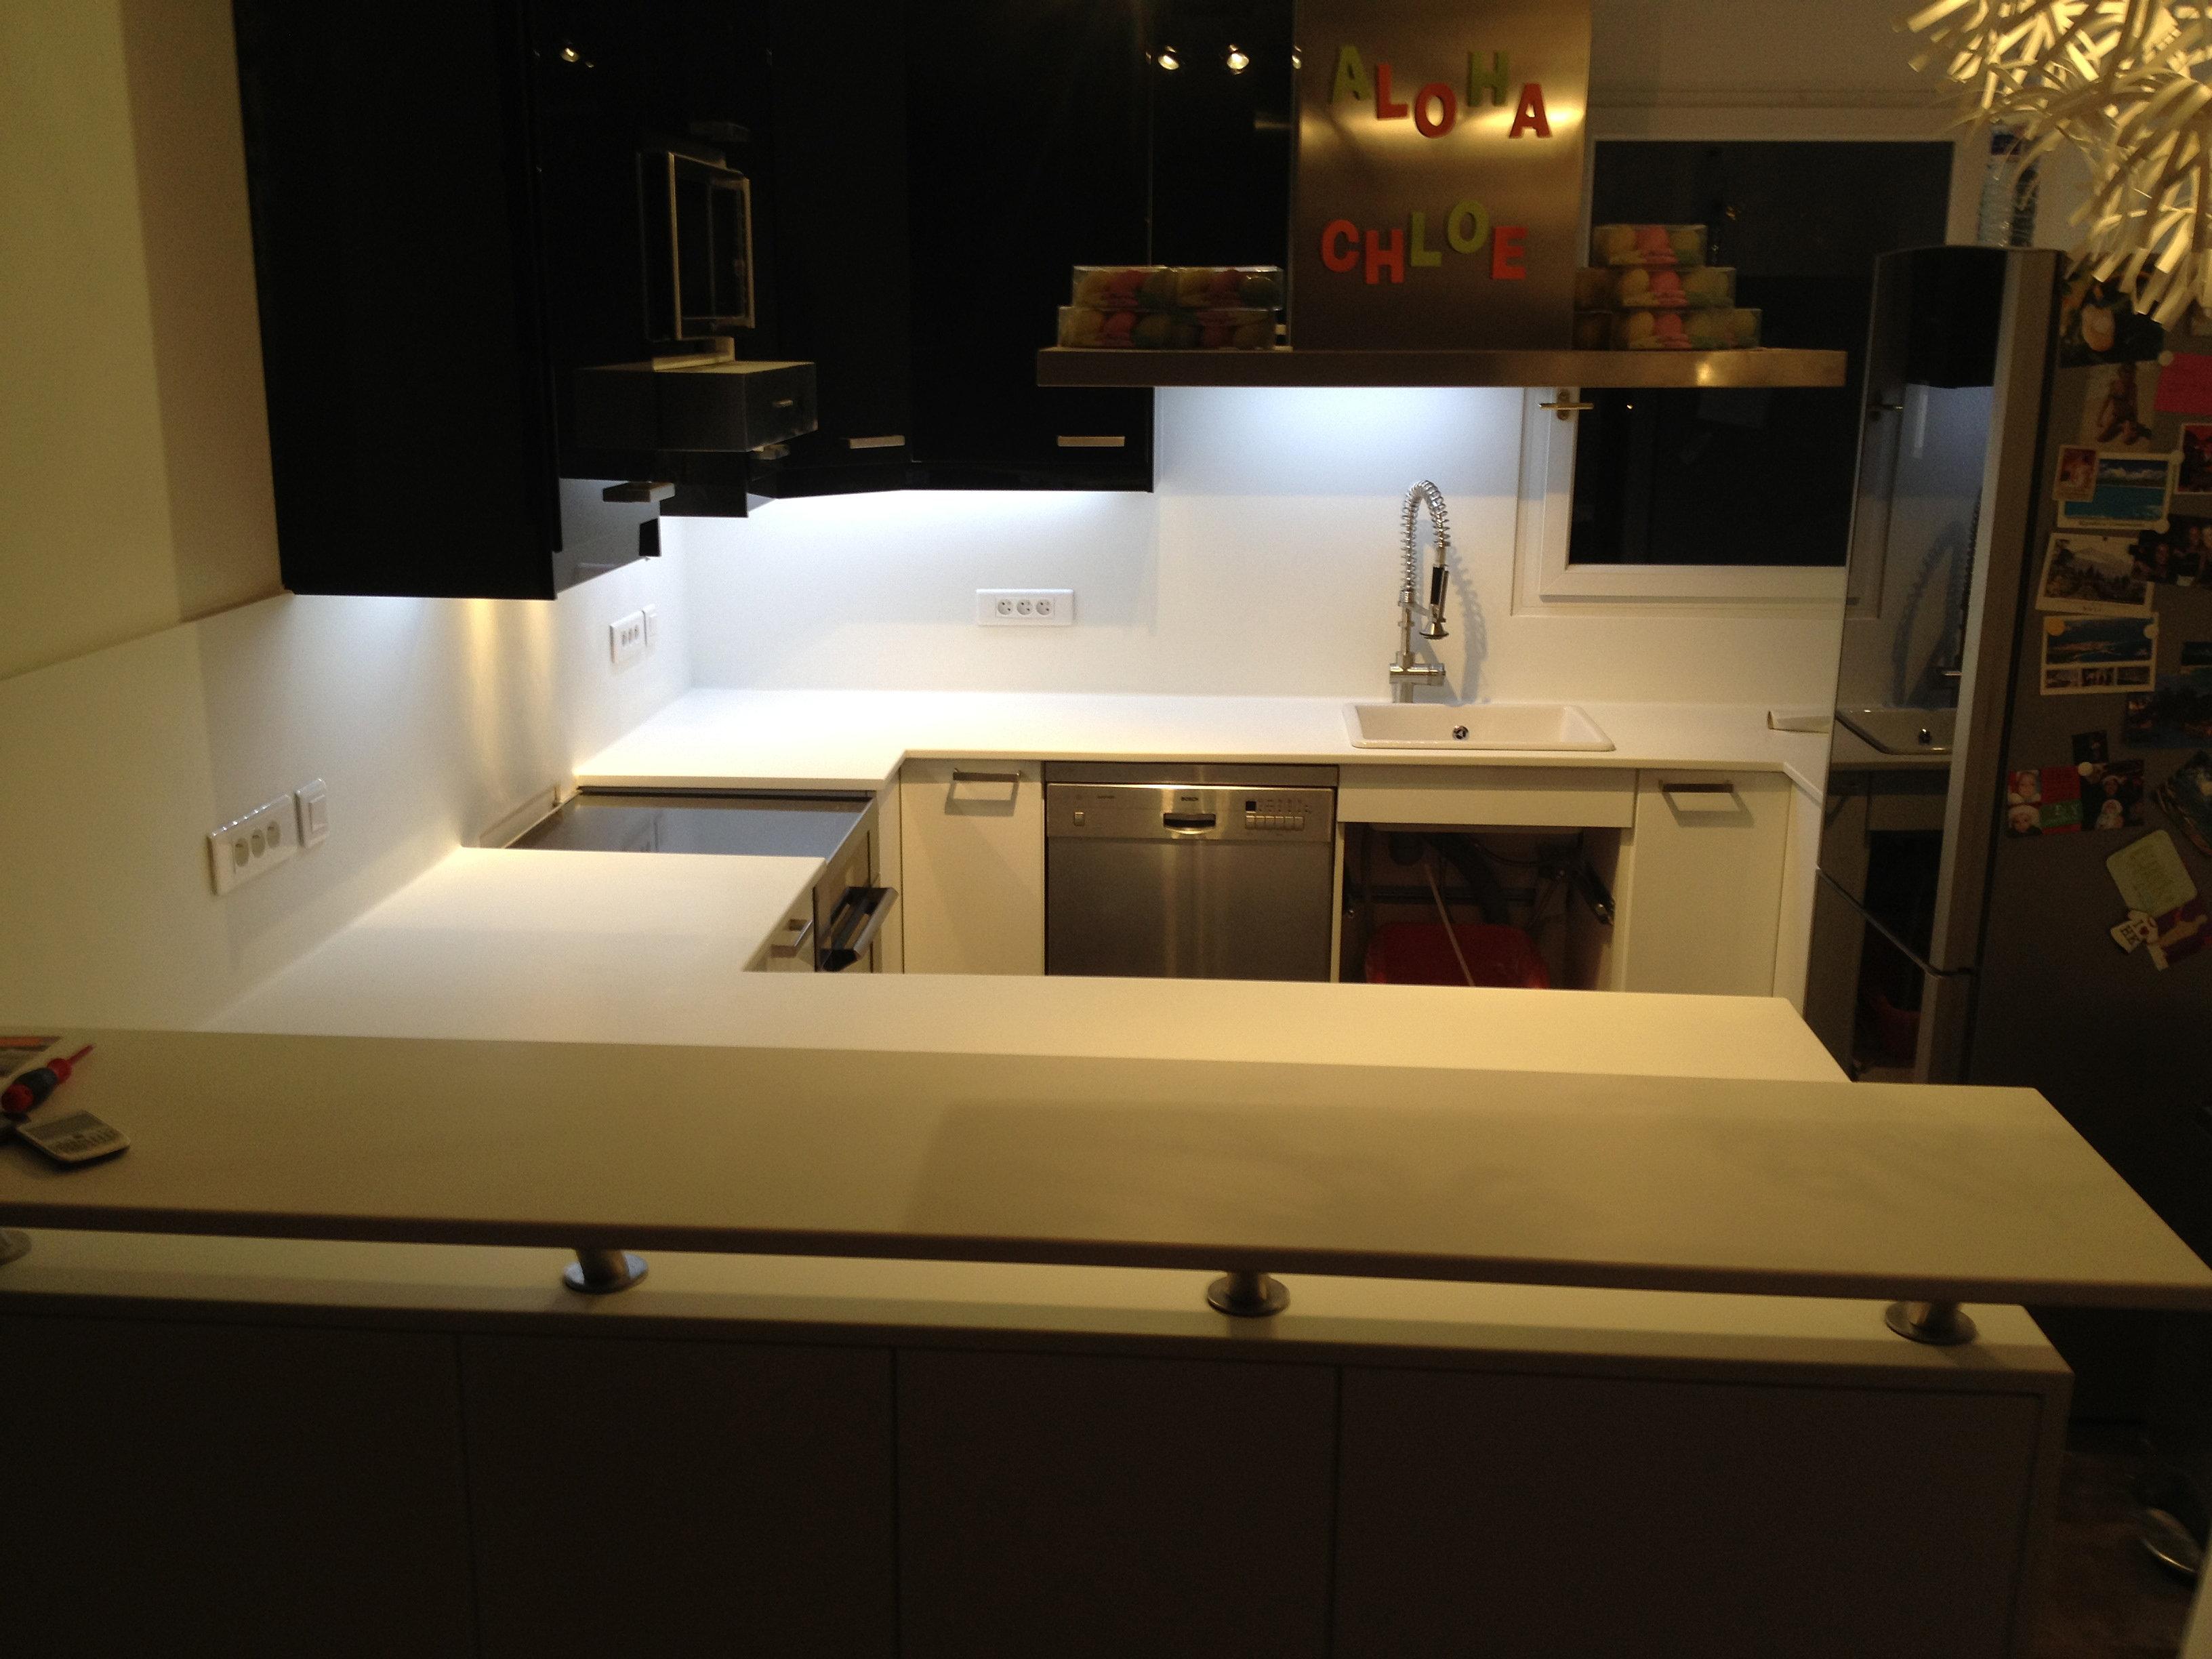 plan de travail granit quartz table en mabre paris essonne plans de travail corian. Black Bedroom Furniture Sets. Home Design Ideas